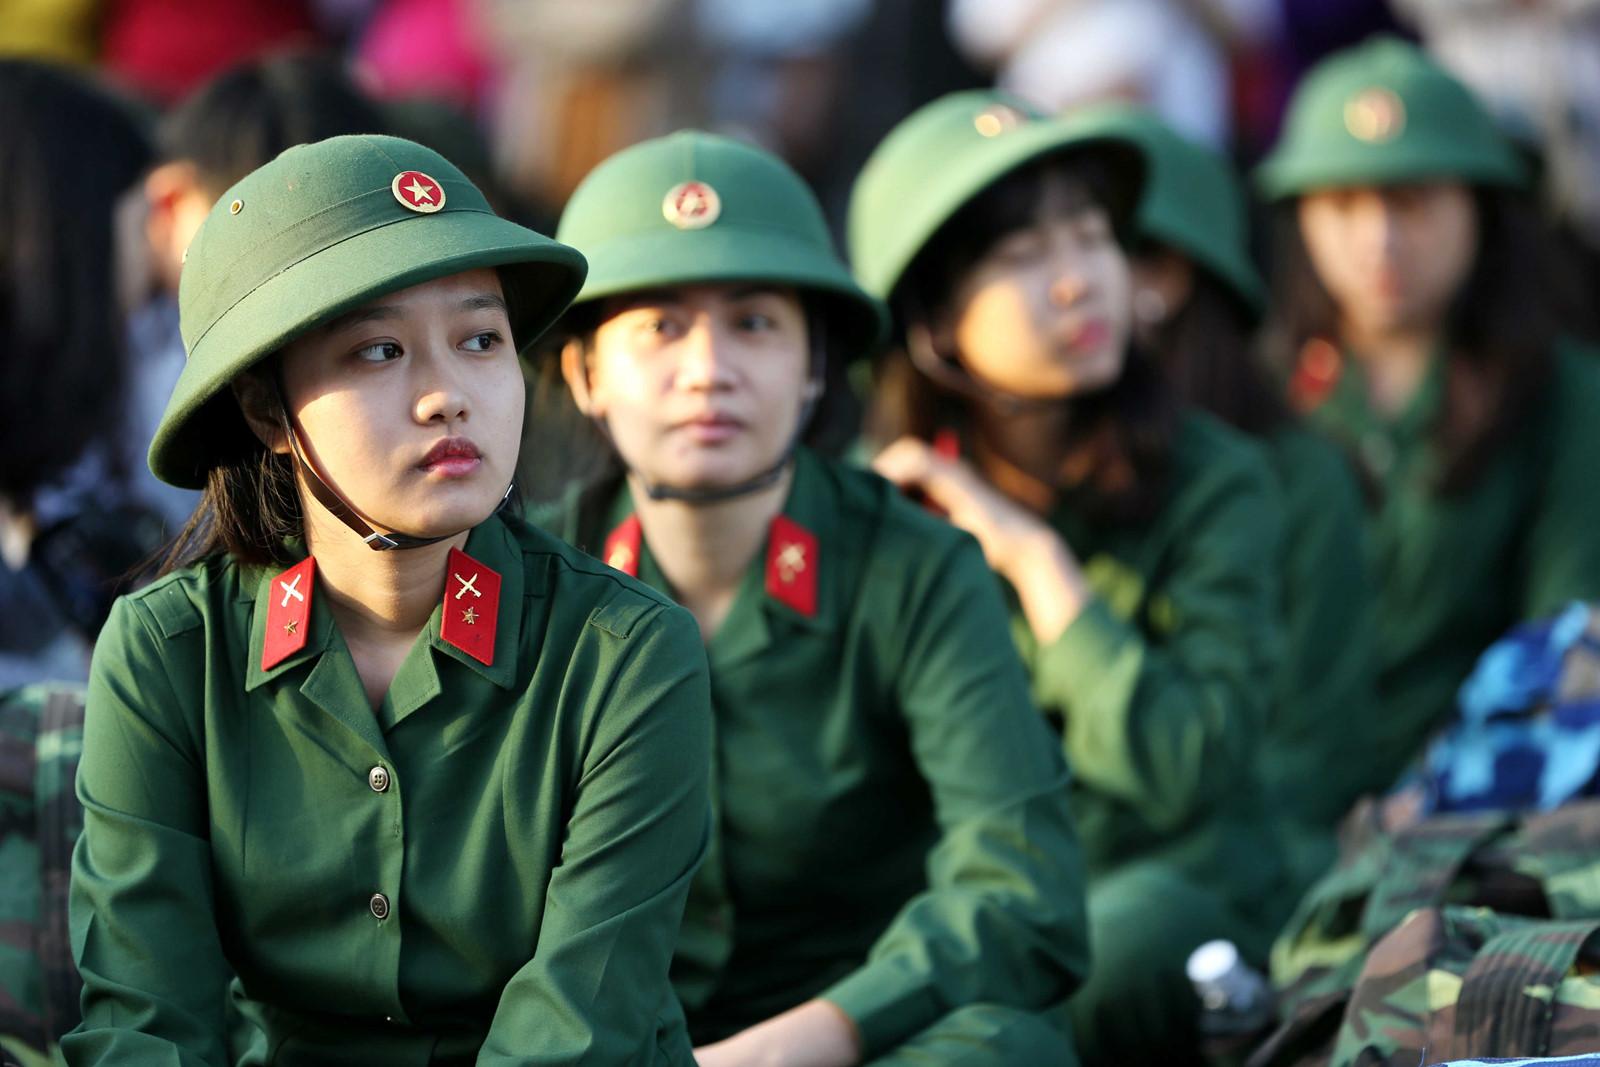 Hình ảnh đội nữ công an xinh đẹp